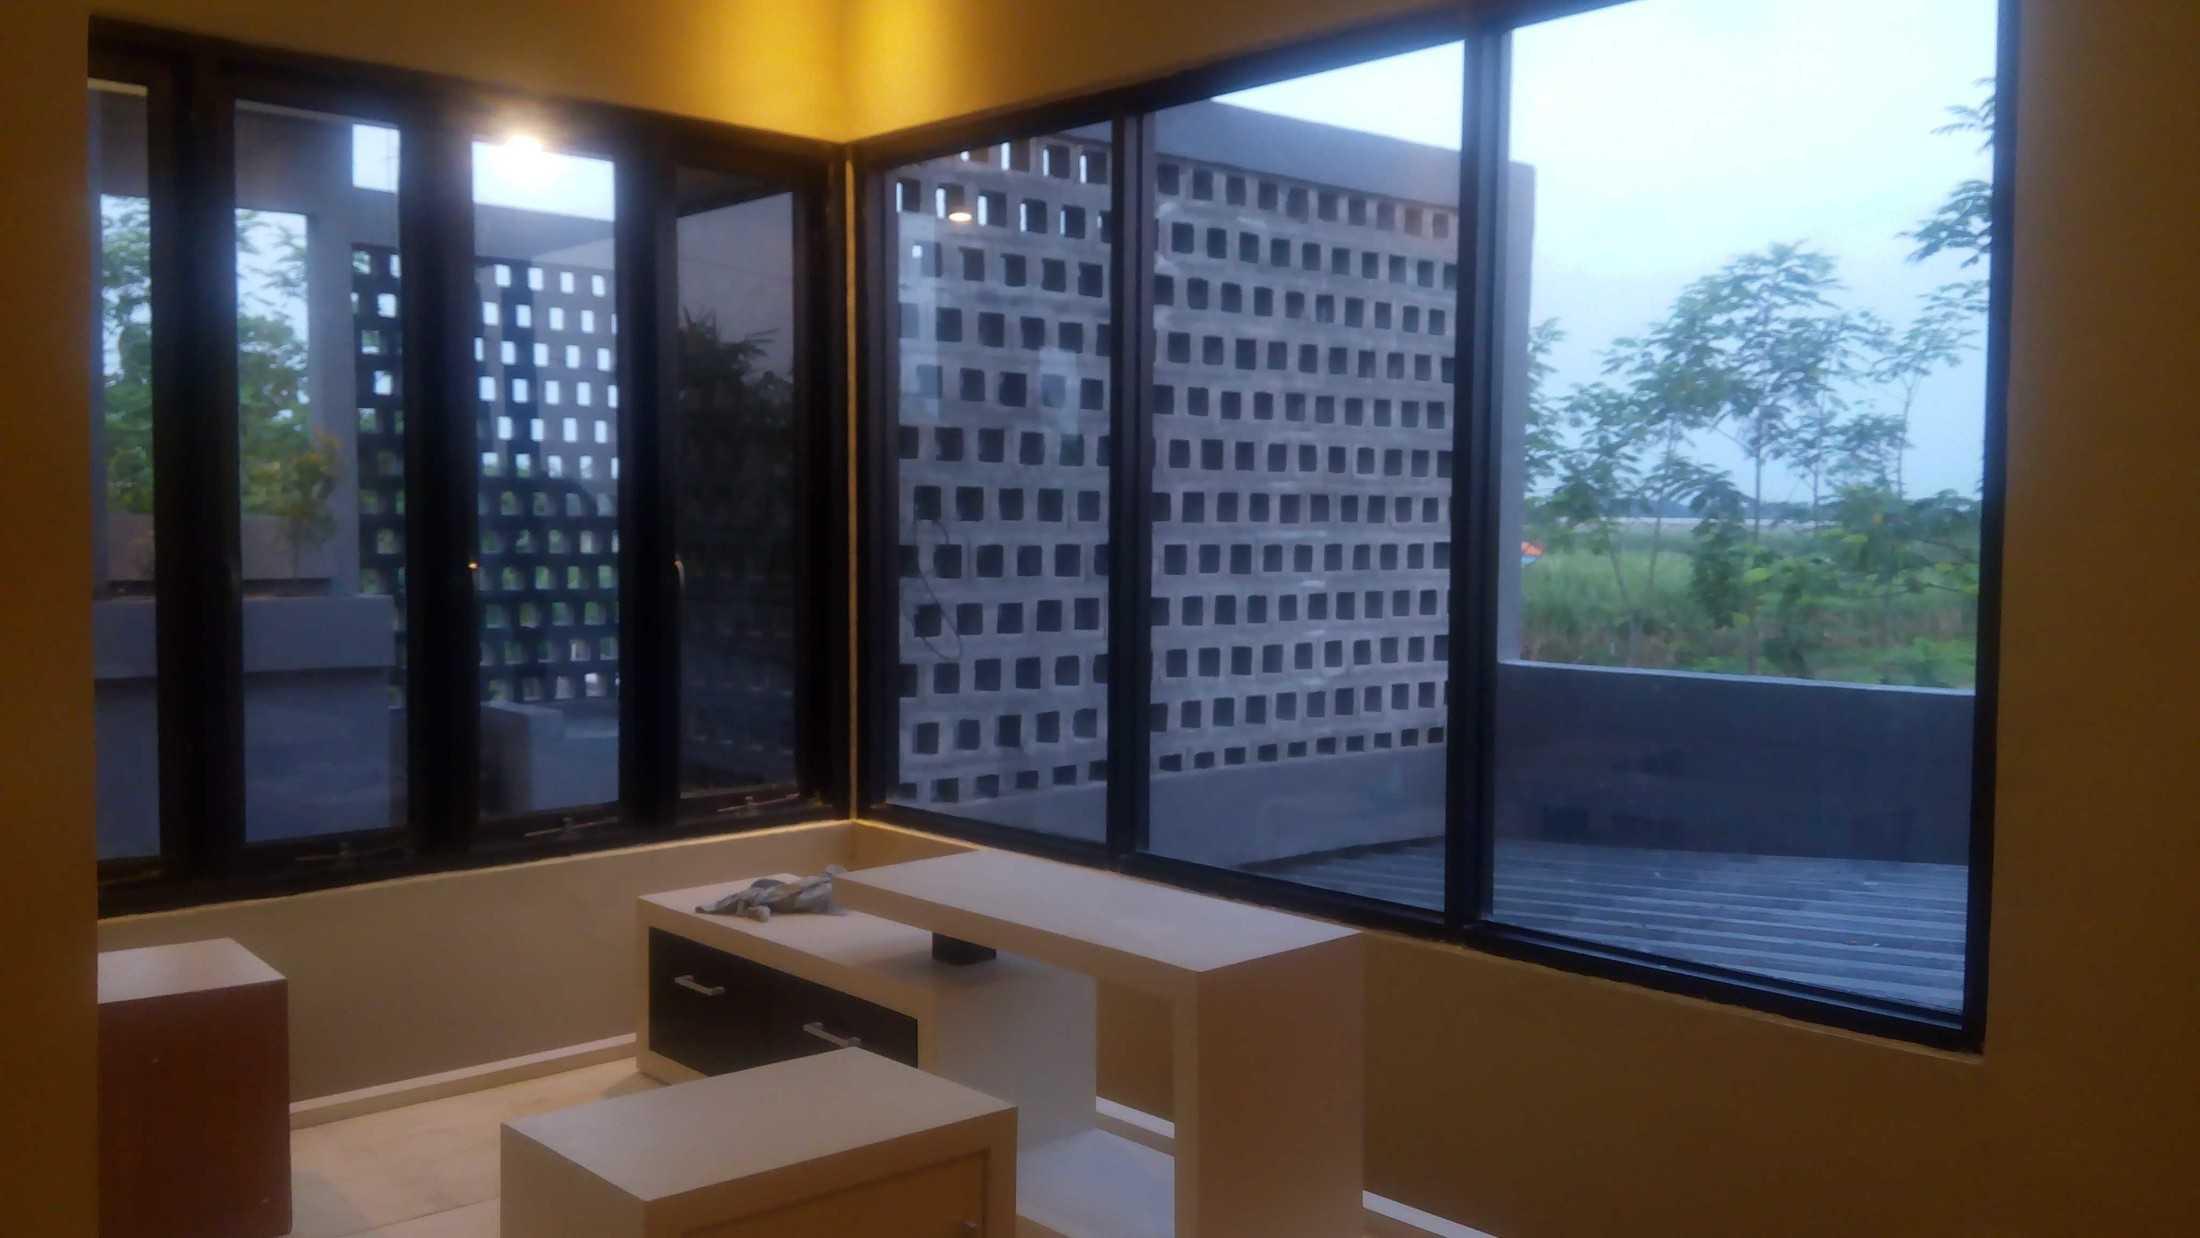 Astabumi Studio Omah Taman Singgah Tegal Tegal, Kota Tegal, Jawa Tengah, Indonesia Tegal, Kota Tegal, Jawa Tengah, Indonesia Astabumi-Architect-Interior-Design-Omah-Taman-Singgah-Tegal  84033